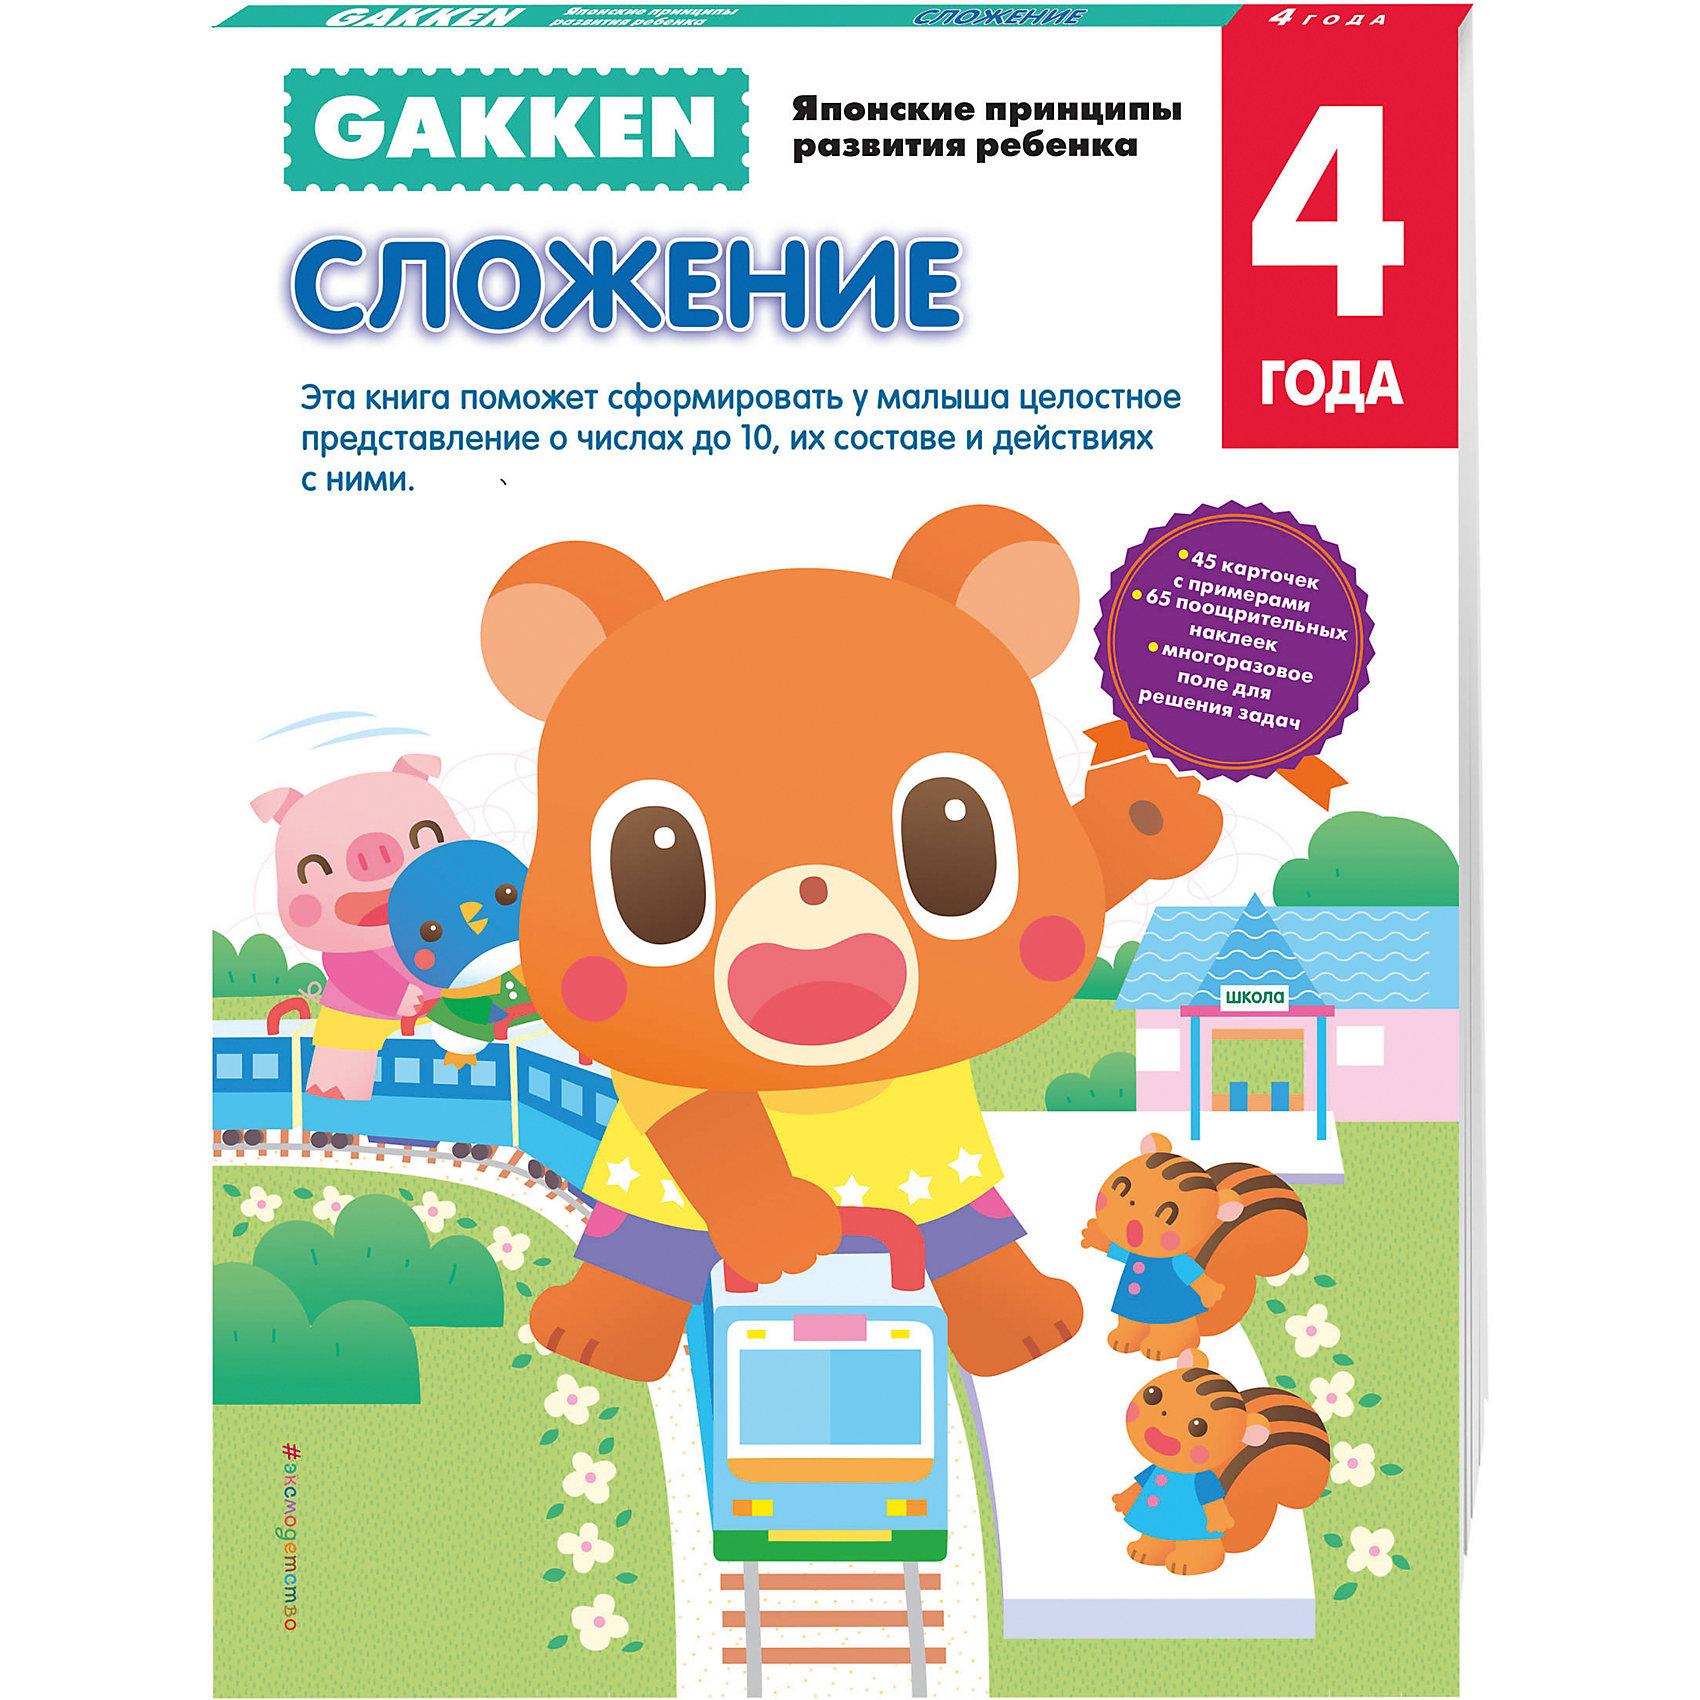 Сложение, 4+, GakkenПособия для обучения счёту<br>Книга 4+ Сложение поможет родителям научить малыша понимать, что такое сложение, анализировать состав чисел до 10, решать примеры на сложение с числами до 10, самостоятельно составлять и записывать примеры по правилам.<br><br>Занимаясь по рабочим тетрадям «GAKKEN Японские принципы развития ребенка» вы через некоторое время сами убедитесь в том, что  без нервотрепки и утомительных скучных занятий  ваш ребенок может:<br>•Самостоятельно находить решения довольно сложных задач, в том числе пространственных<br>•Логически рассуждать и принимать решения<br>•Не просто считать, но и понимать математическую логику счета и решения задач<br>•Правильно держать карандаш и фломастер<br>•Рисовать, раскрашивать, проводить разные линии<br>•Управляться с ножницами и клеем<br>•Делать по образцу и даже придумывать сам аппликации и другие поделки из бумаги<br><br>Ширина мм: 320<br>Глубина мм: 240<br>Высота мм: 10<br>Вес г: 286<br>Возраст от месяцев: 48<br>Возраст до месяцев: 60<br>Пол: Унисекс<br>Возраст: Детский<br>SKU: 6878127